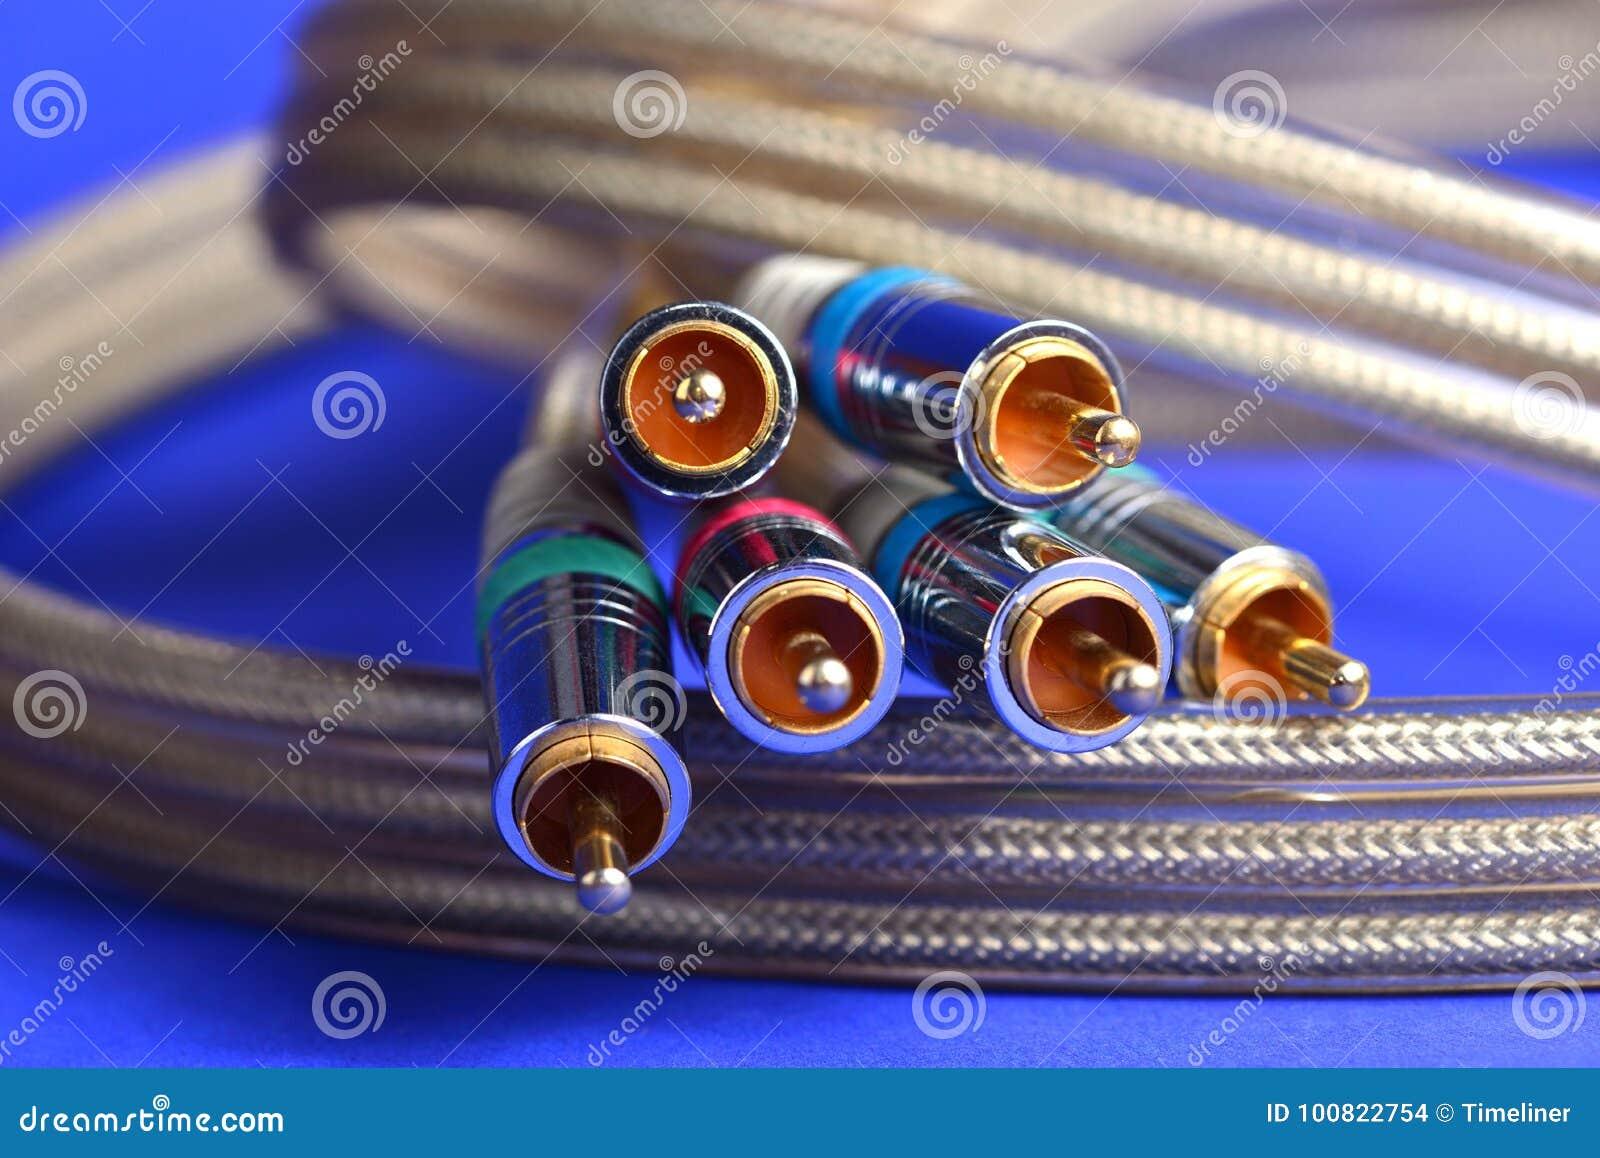 Conectores audio video